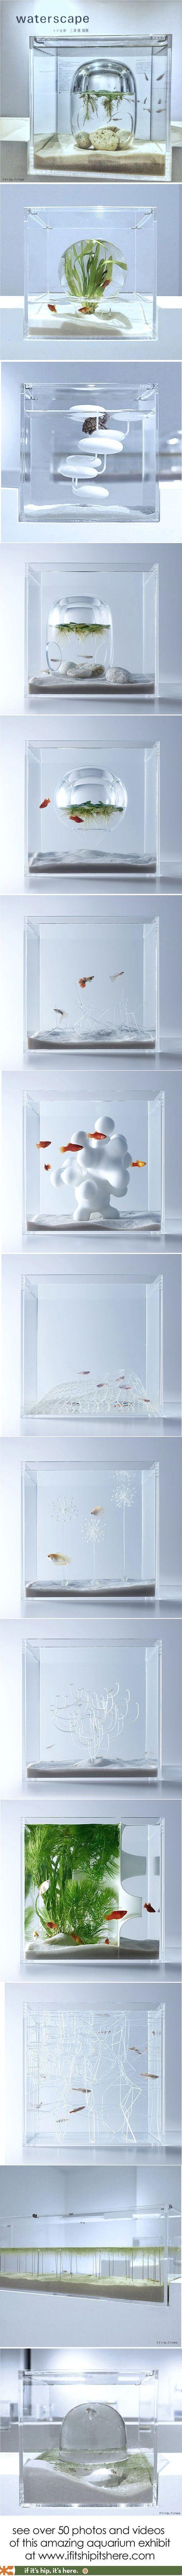 63accc81fd20525adf15f152e2156cbd Frais De Aquarium A tortue Concept